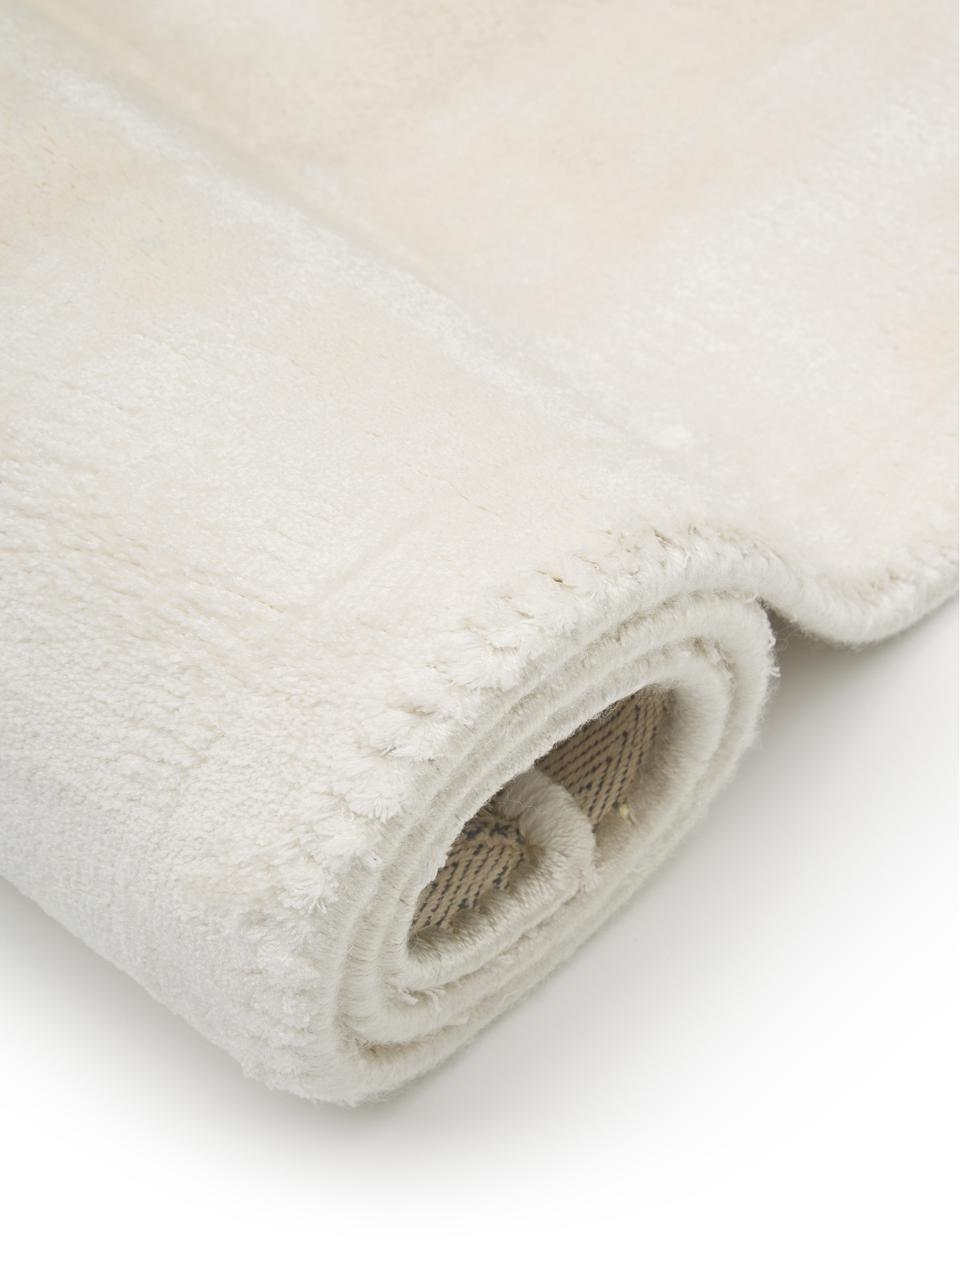 Tappeto in viscosa extra morbido Grace, Retro: 100% poliestere, Bianco crema, Larg. 80 x Lung. 150 cm (taglia XS)